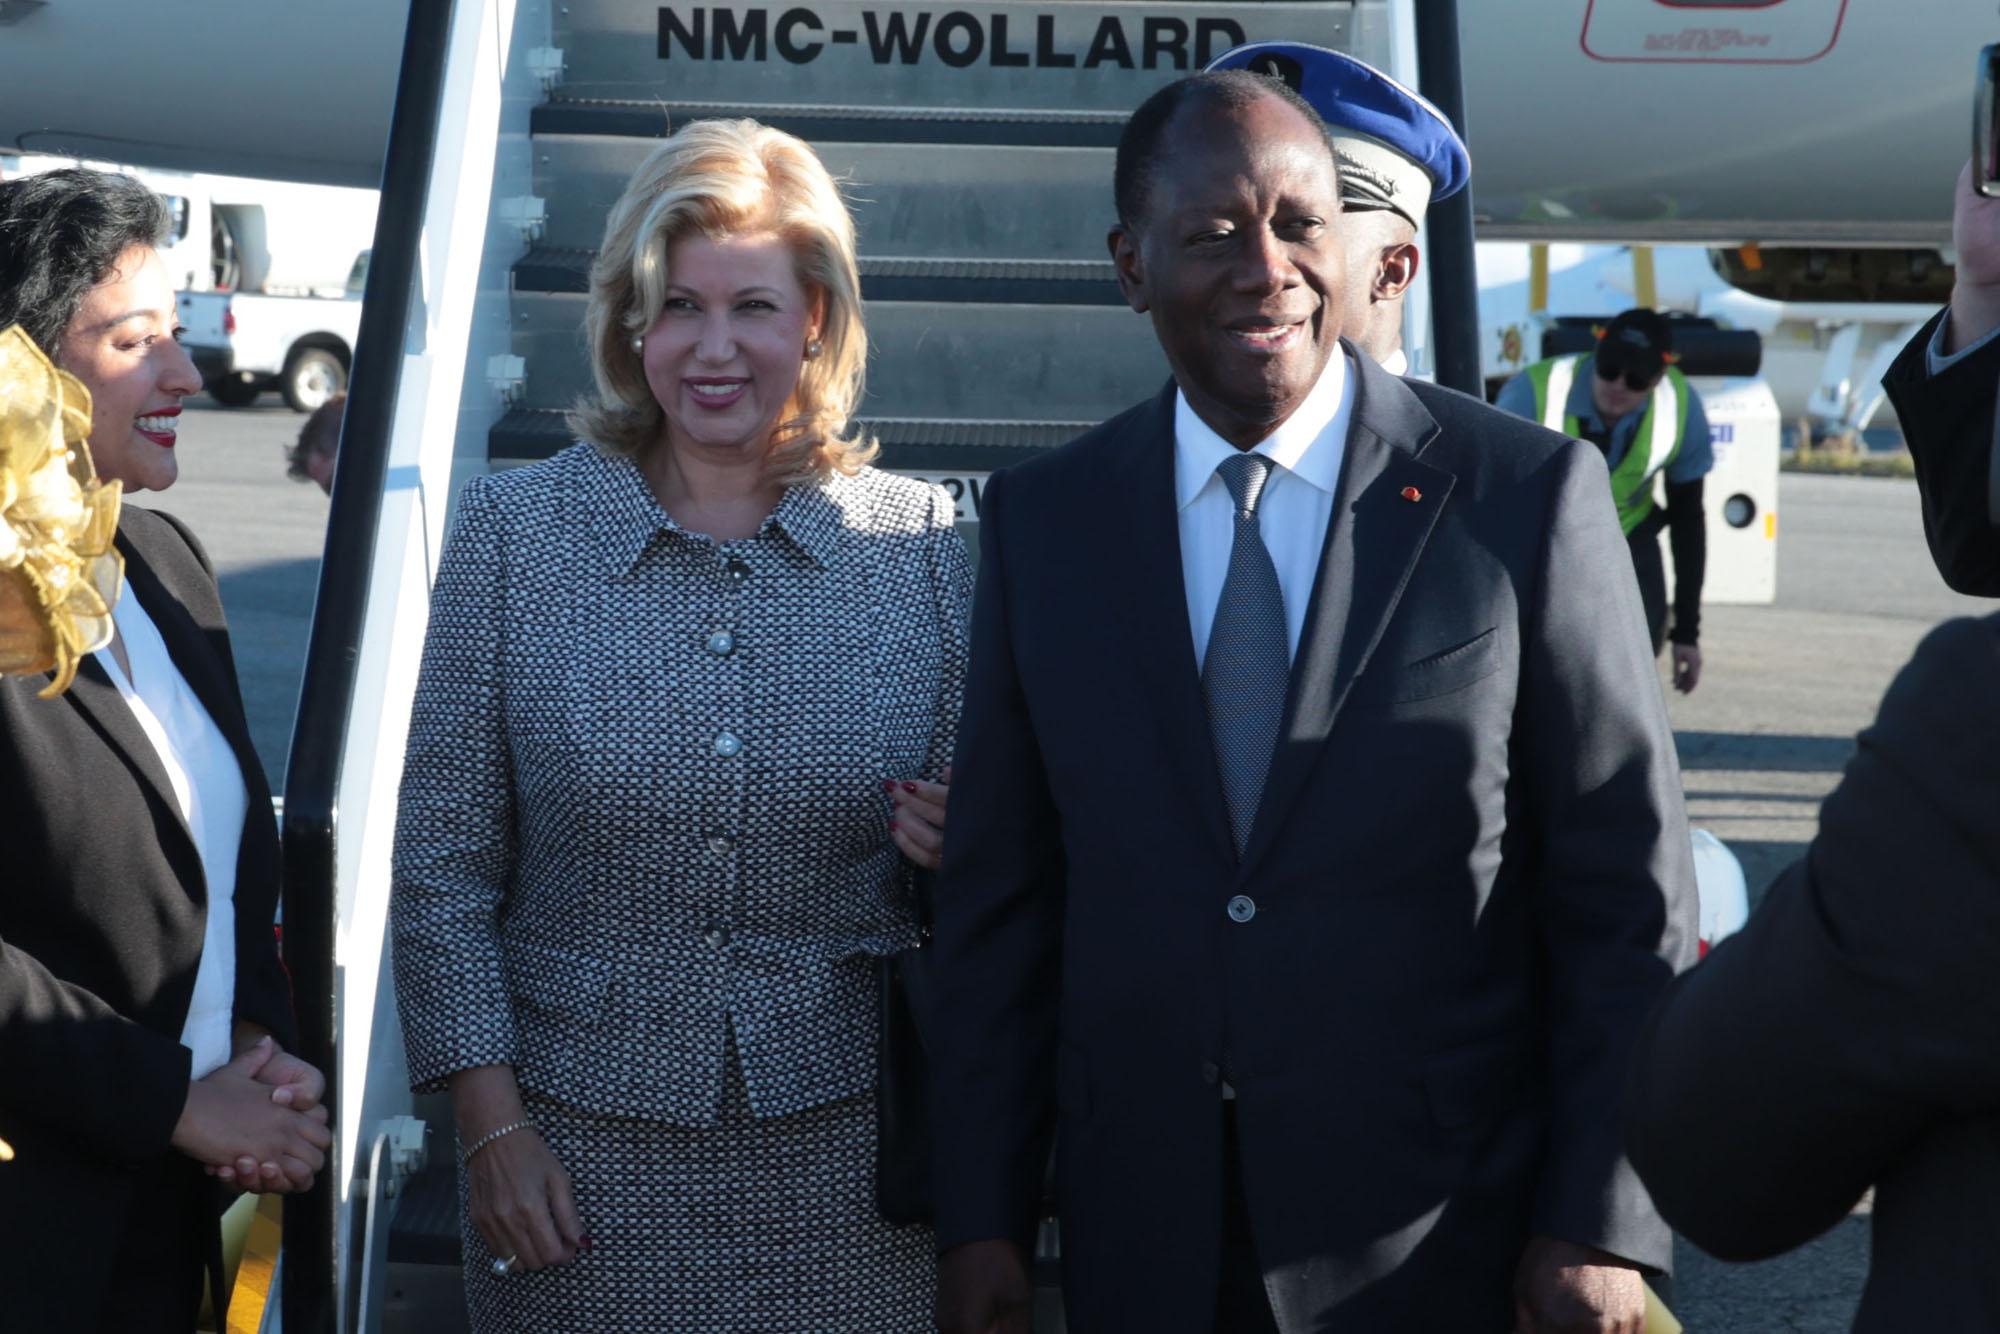 Le Chef de l'Etat est arrivé à Montréal pour prendre part à la Conférence du Fonds Mondial sur le SIDA, la Tuberculose et le Paludisme